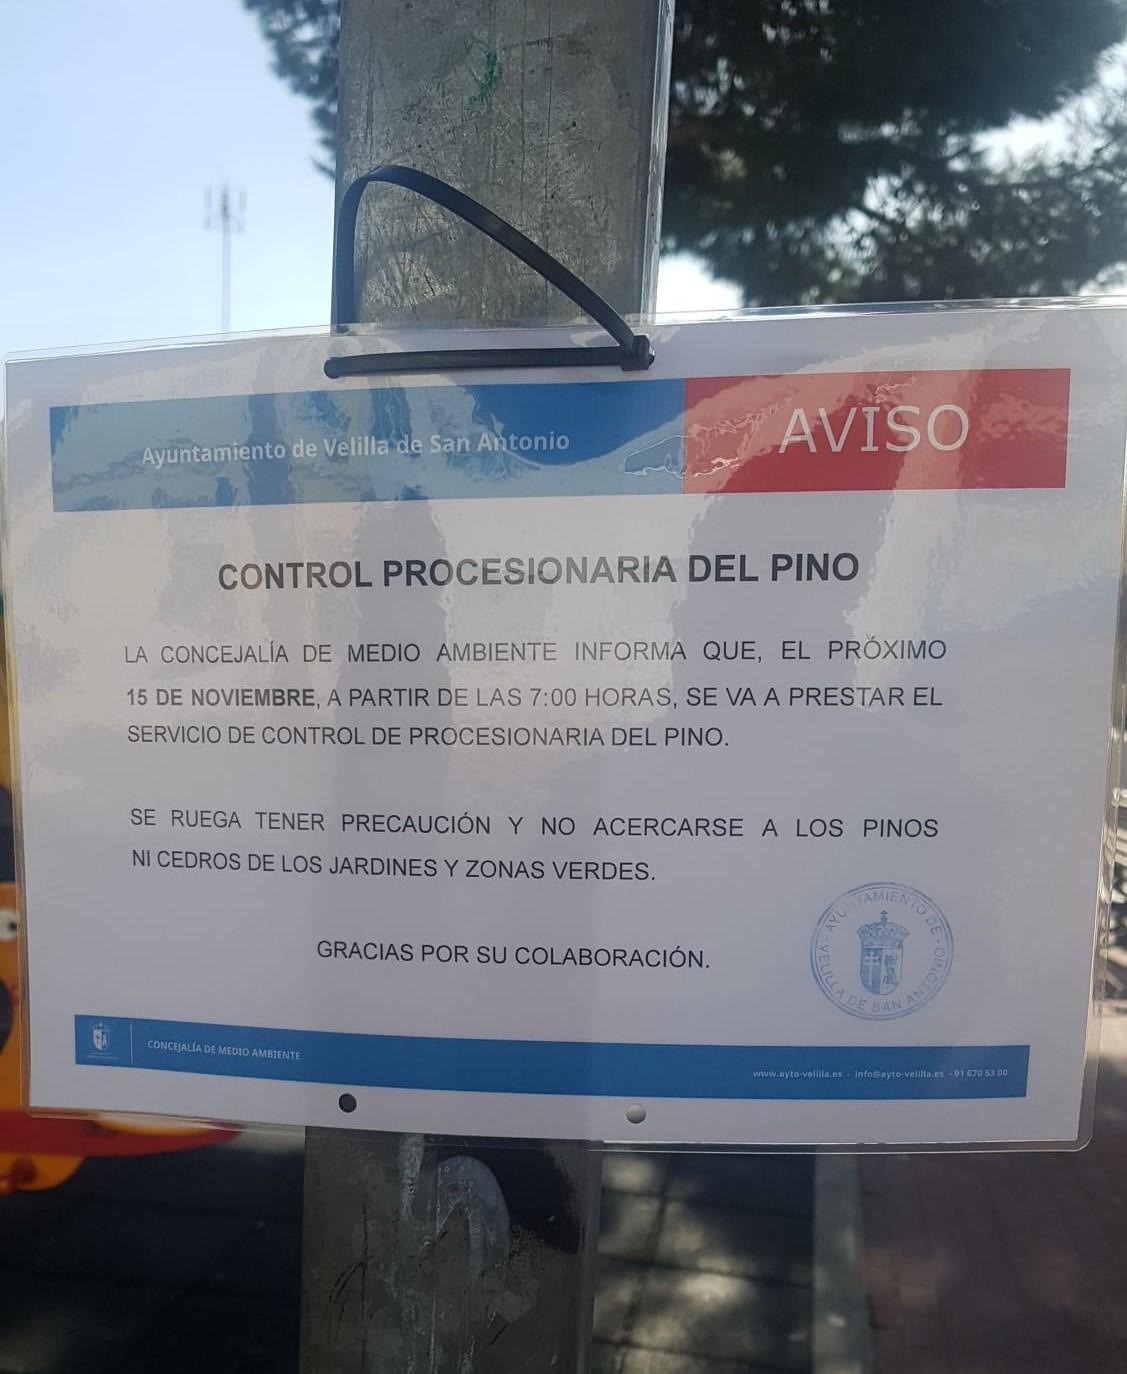 Programa de Control de la Procesionaria del Pino en Velilla